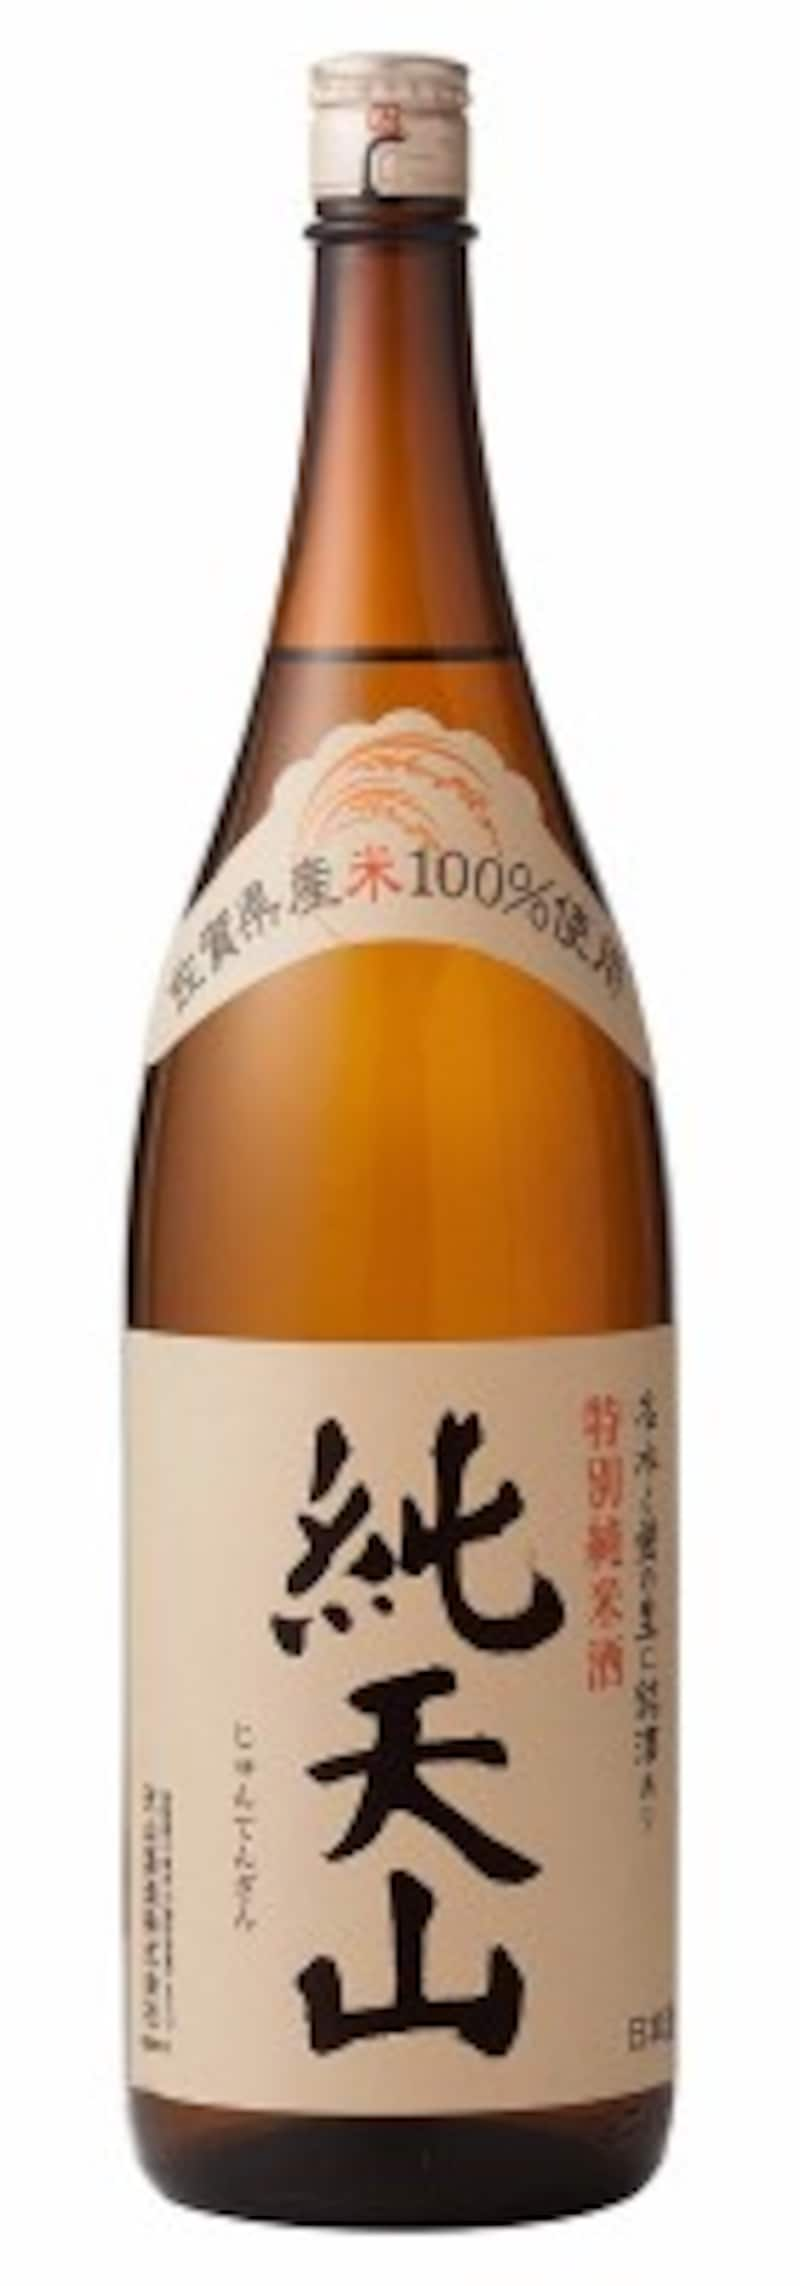 純天山 特別純米/米の旨味が活きた日本酒